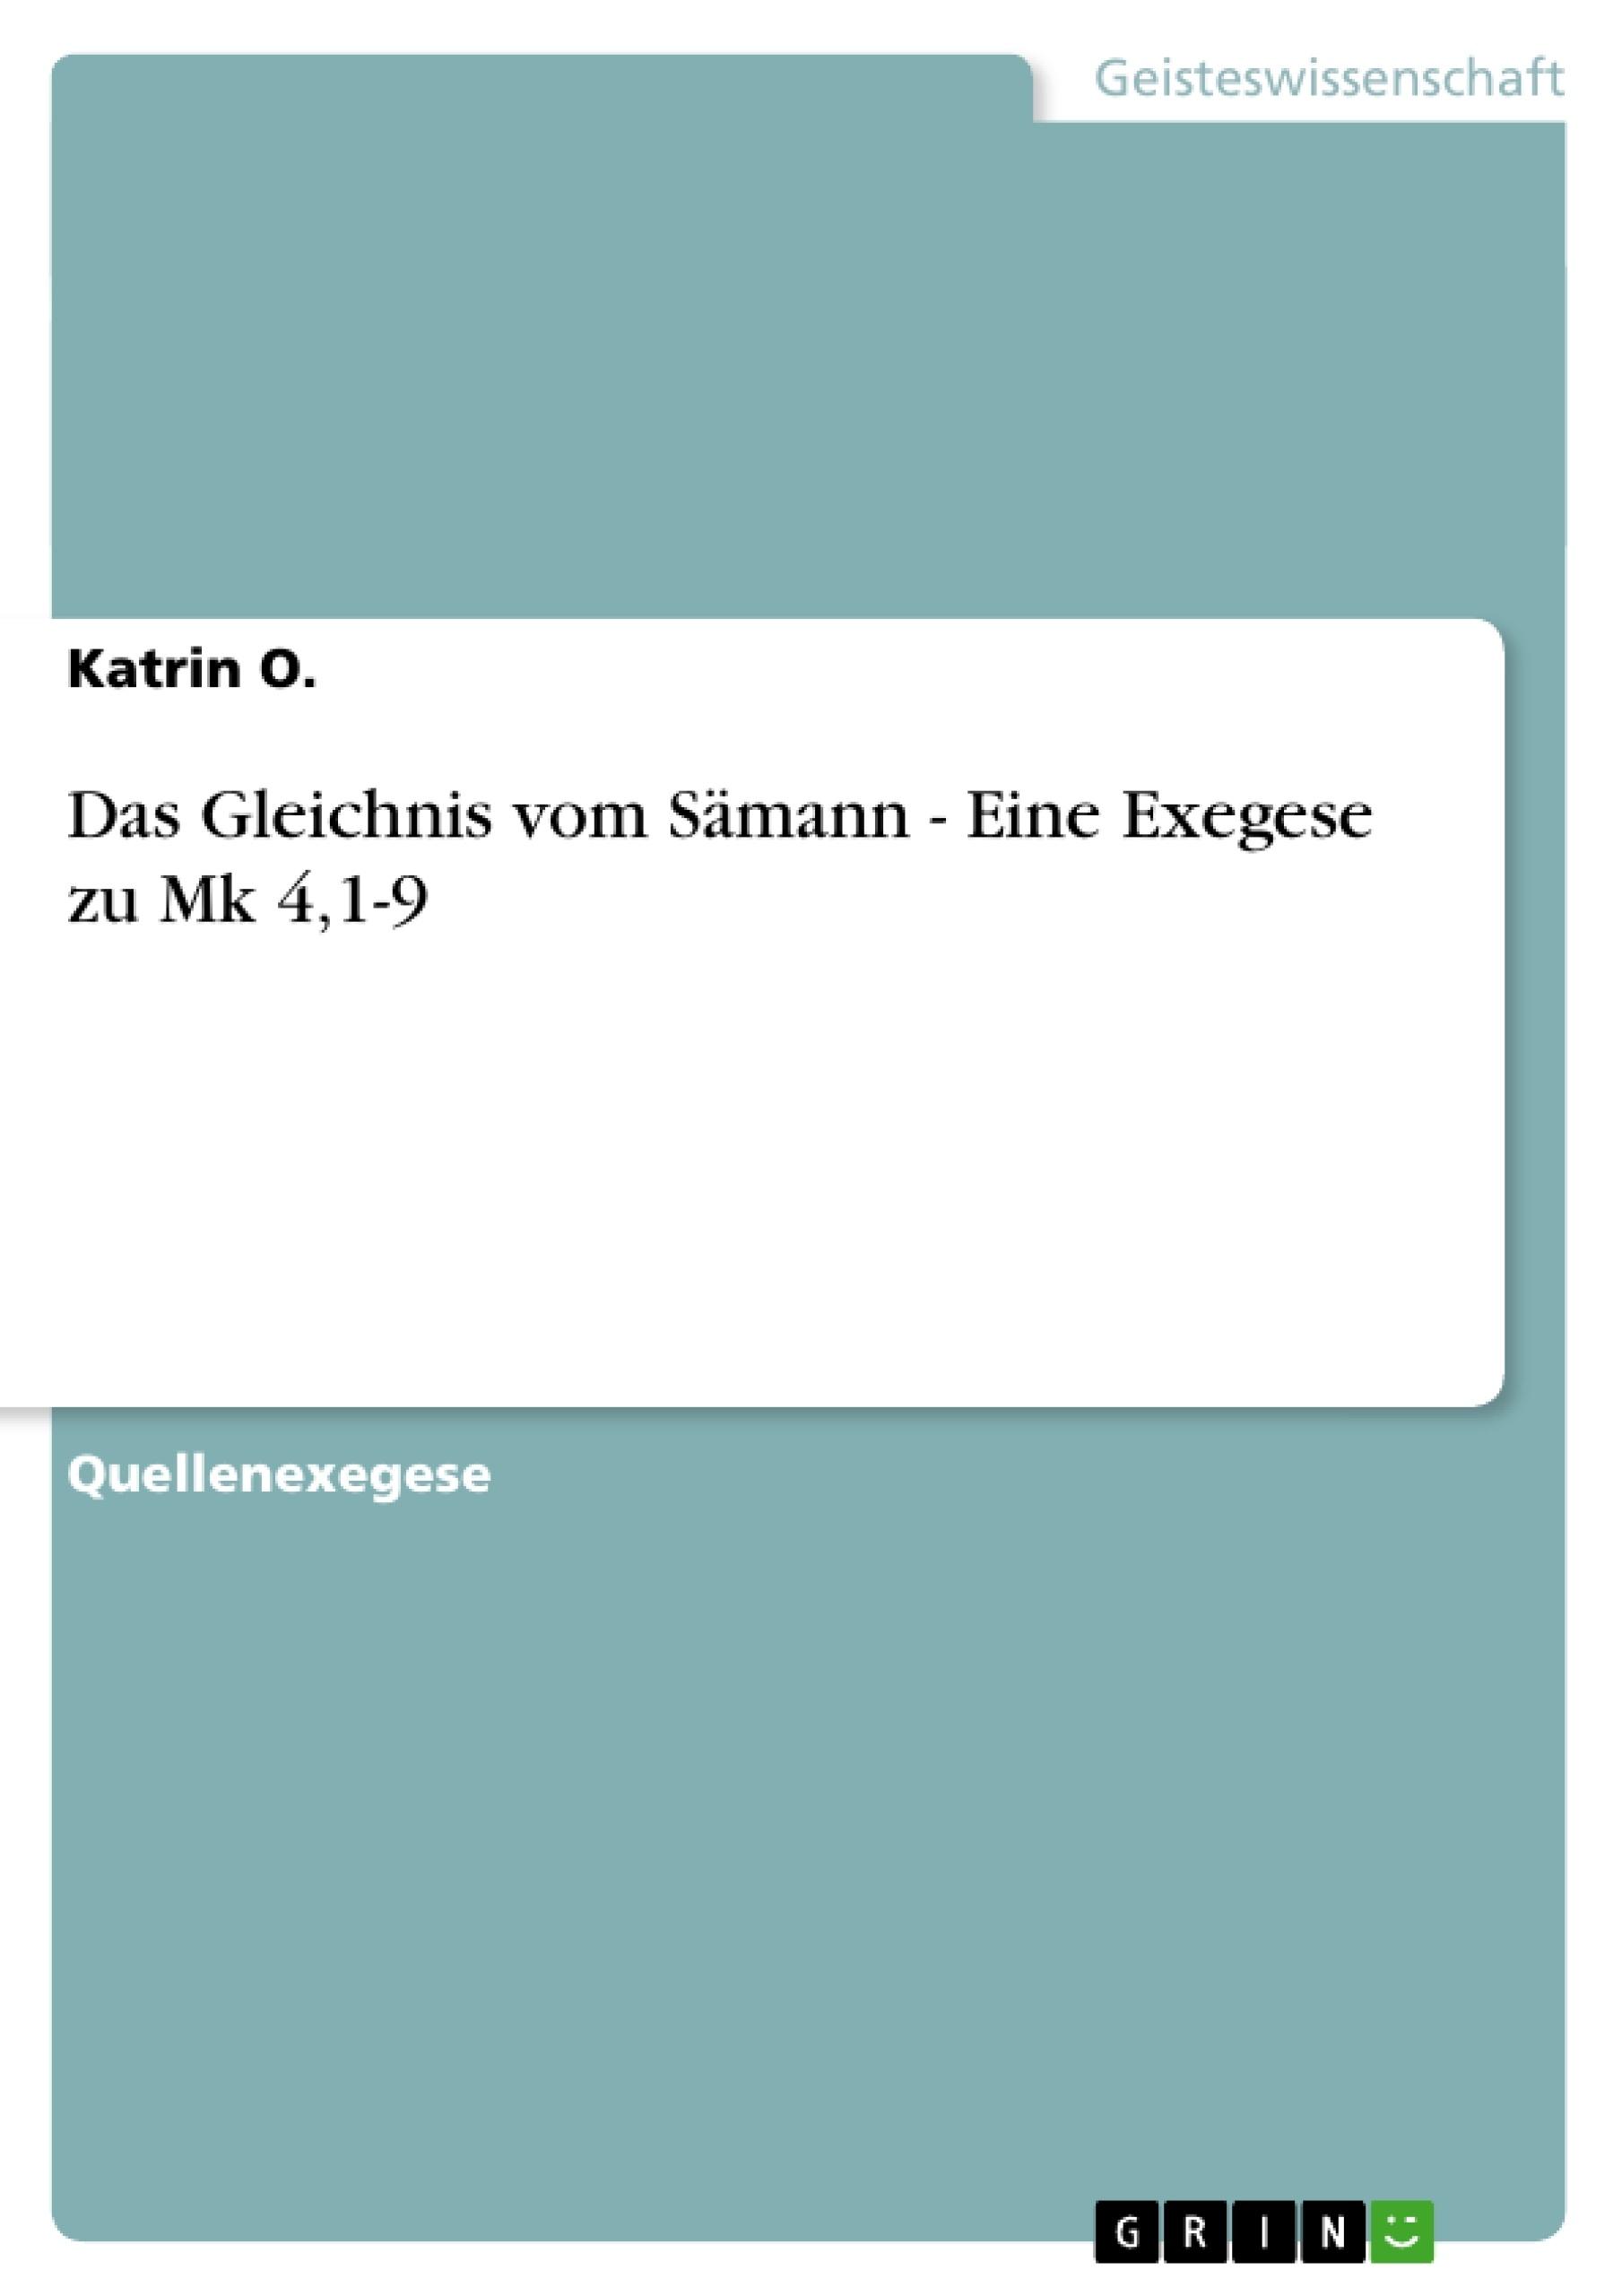 Titel: Das Gleichnis vom Sämann - Eine Exegese zu Mk 4,1-9